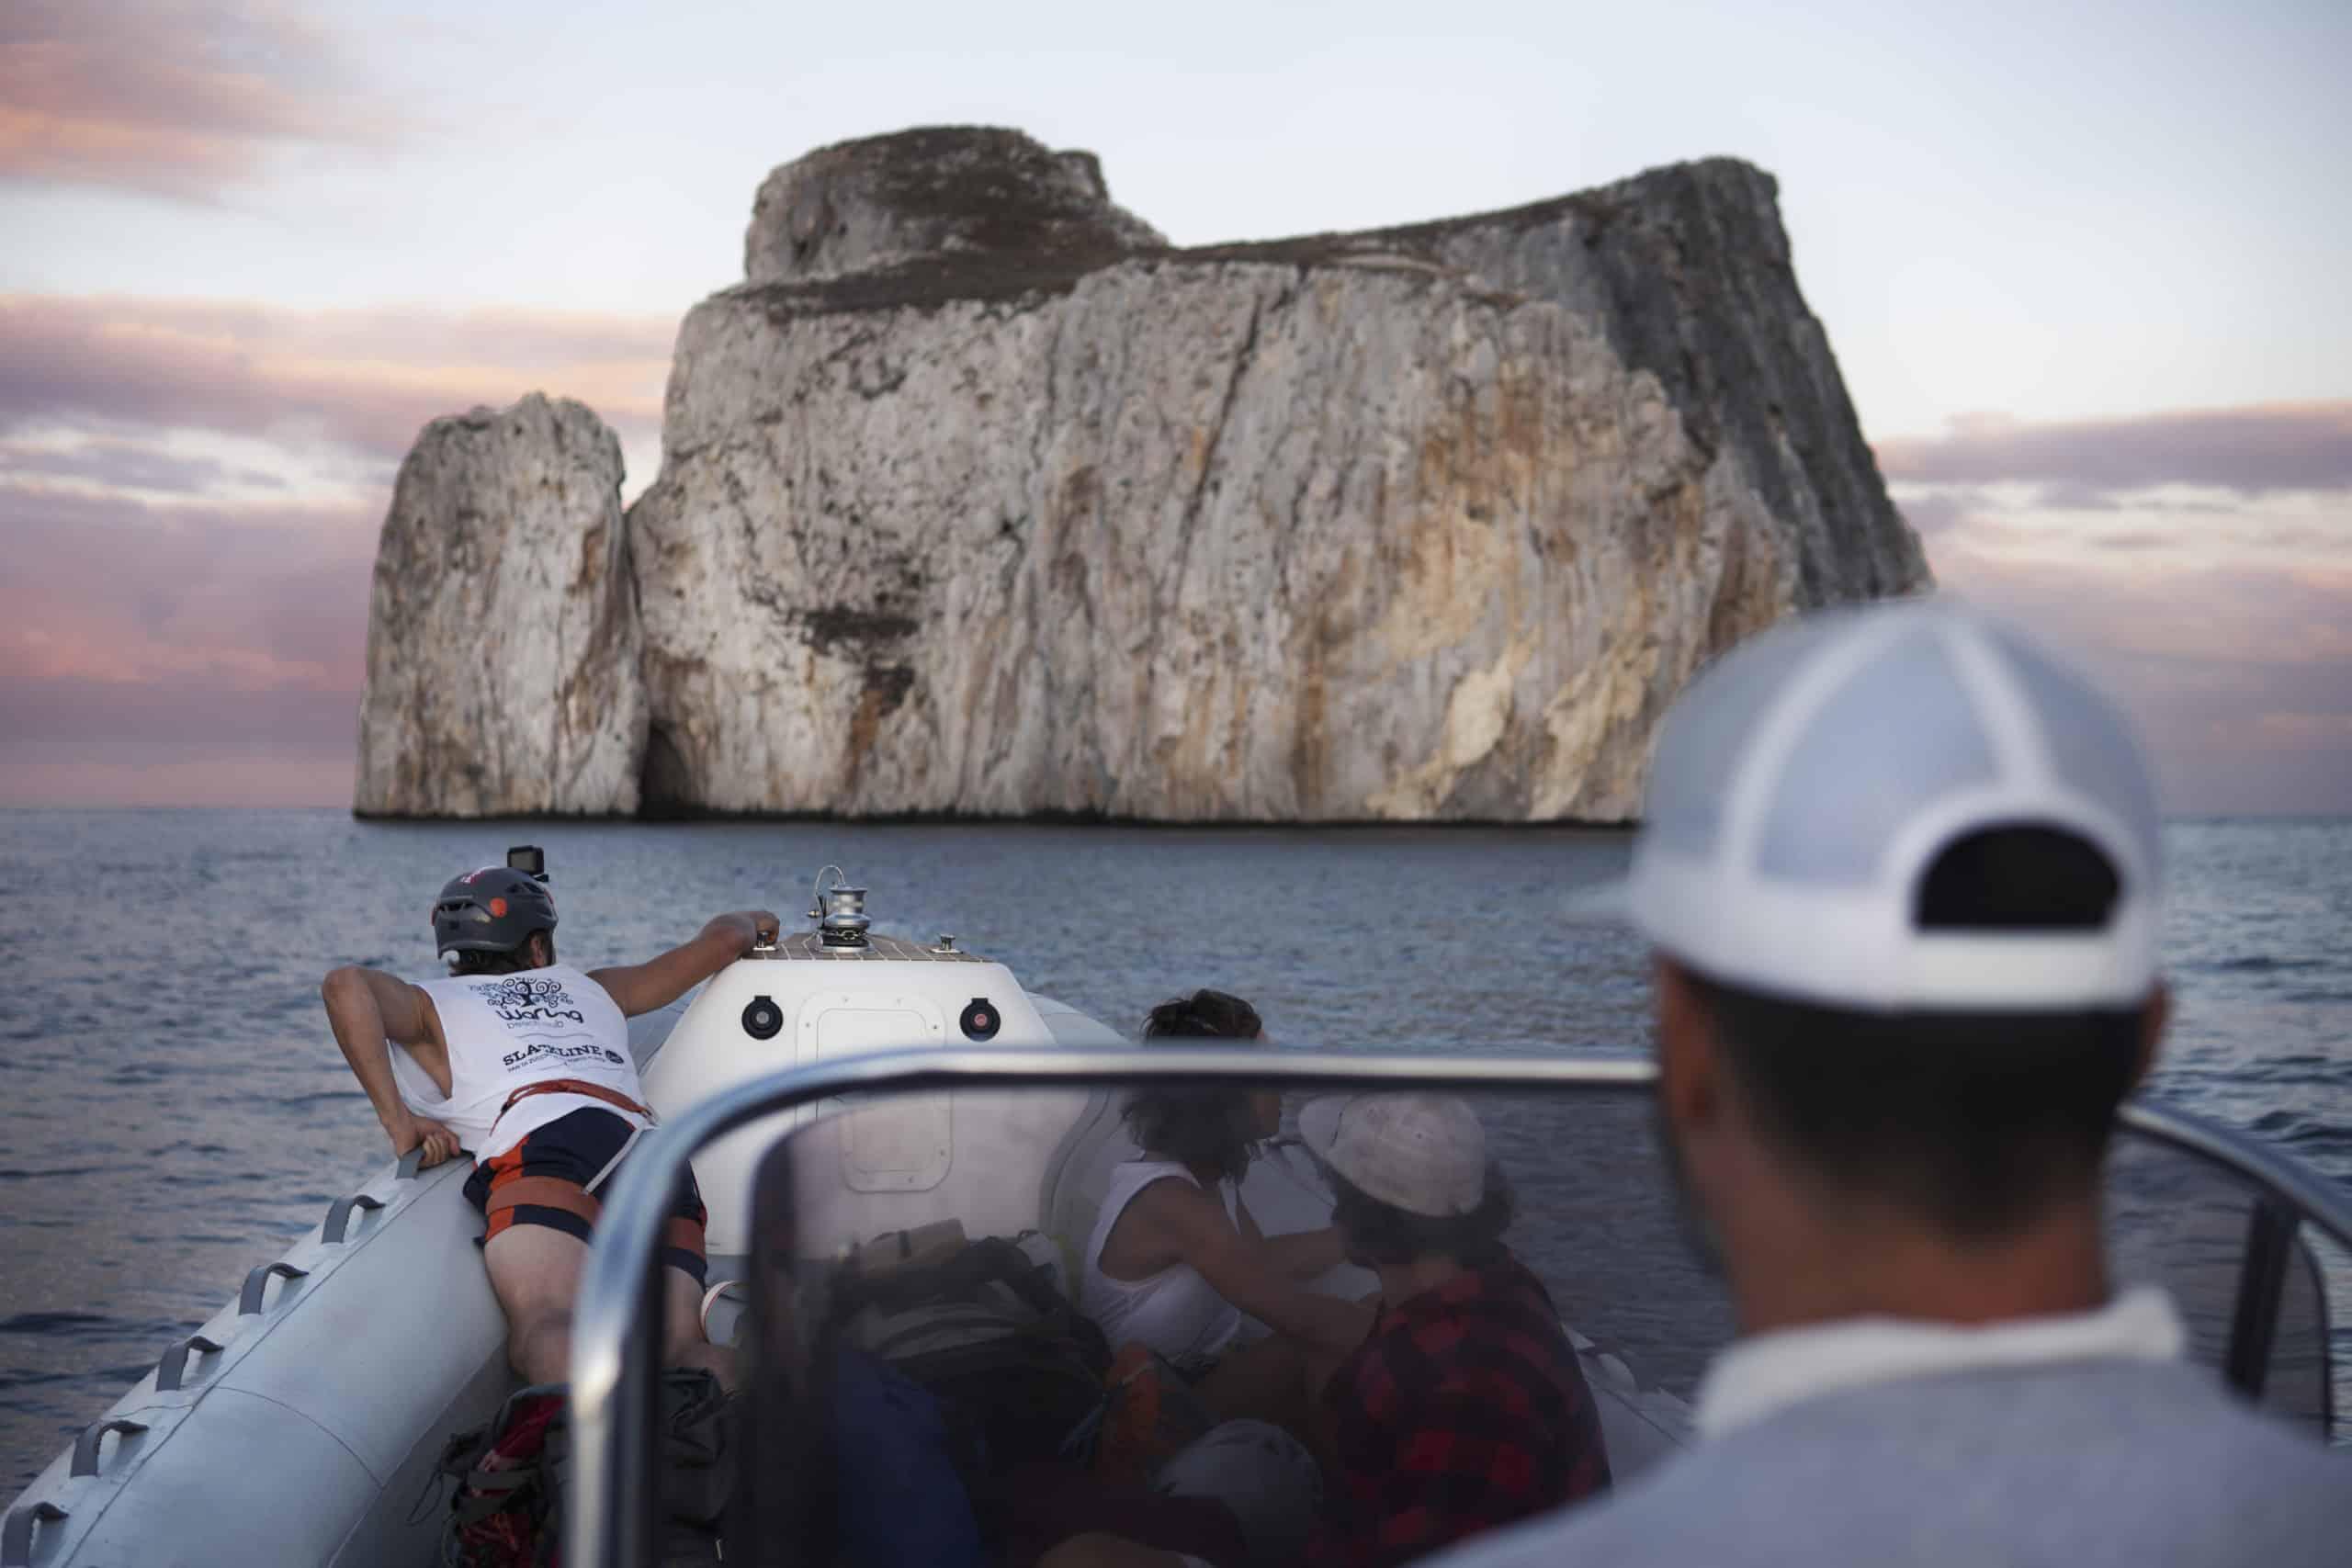 onetotwo Projekt Connecting Islands - Quirin Herterich lehnt auf dem Rand eines Boots mit Blick auf den Pan di Zucchero